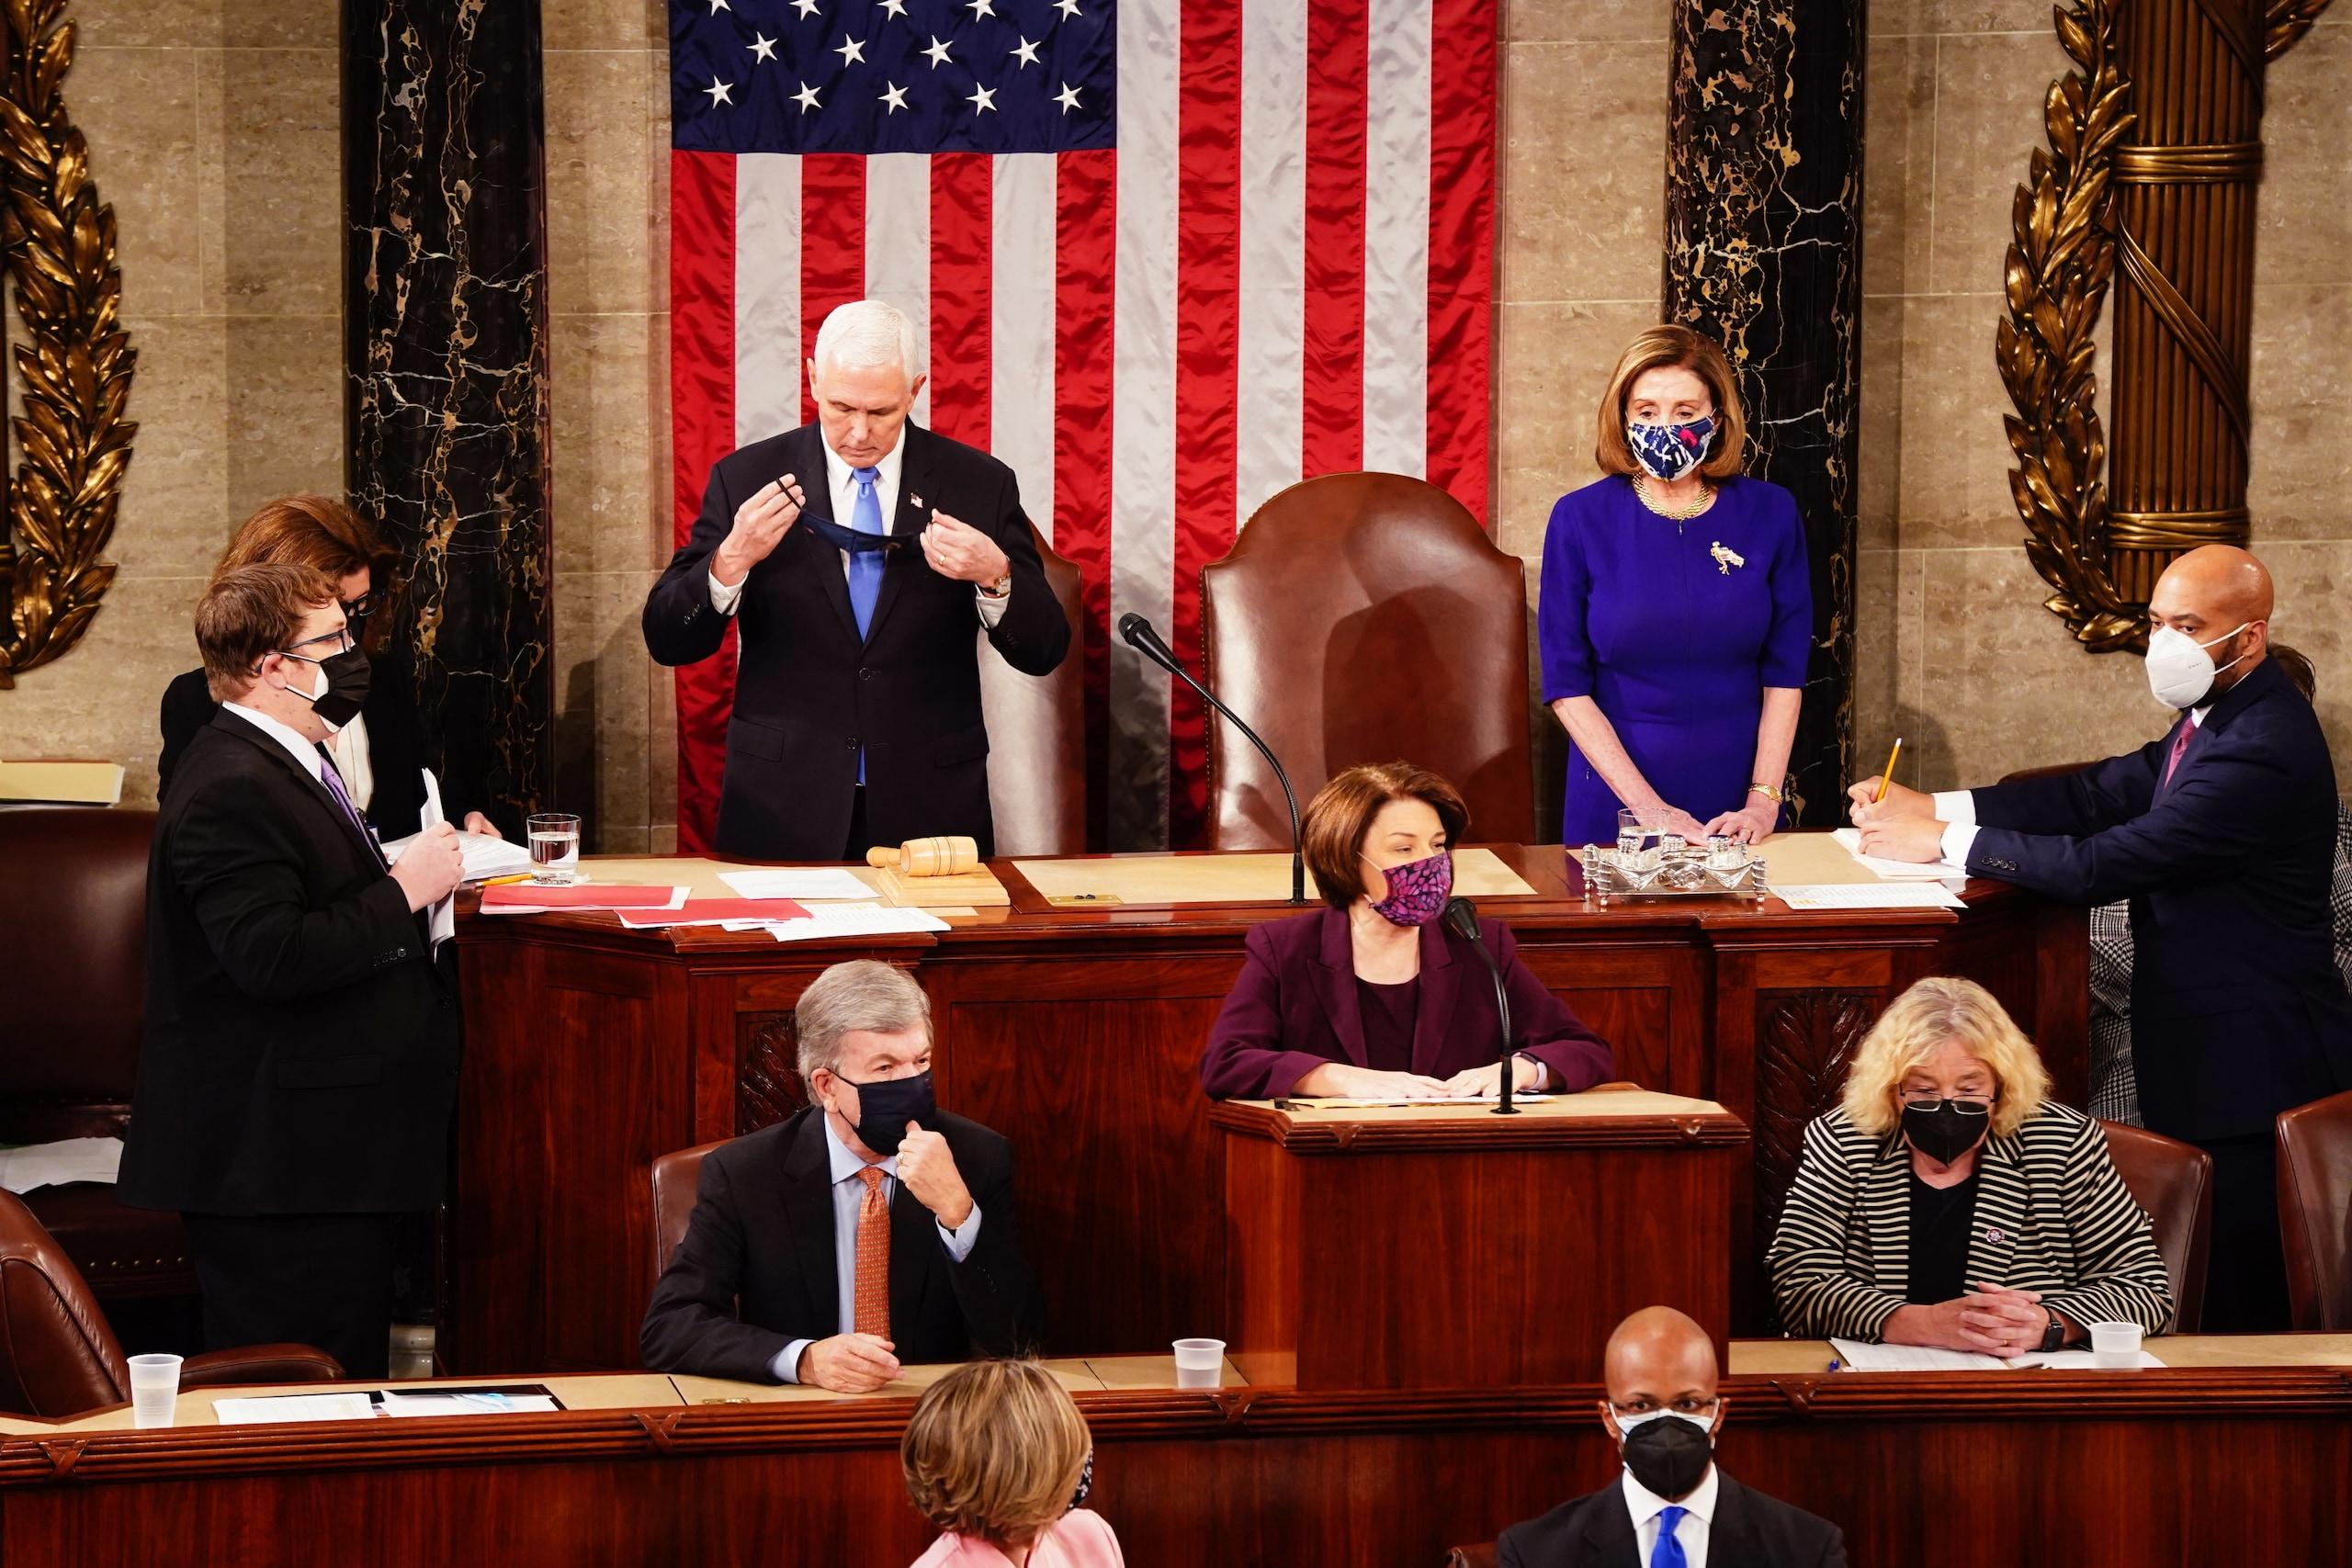 021801872 d9b1a5da 33eb 4e1d 8a64 6151c0238248 - Congresso Usa riprende per certificare vittoria Biden